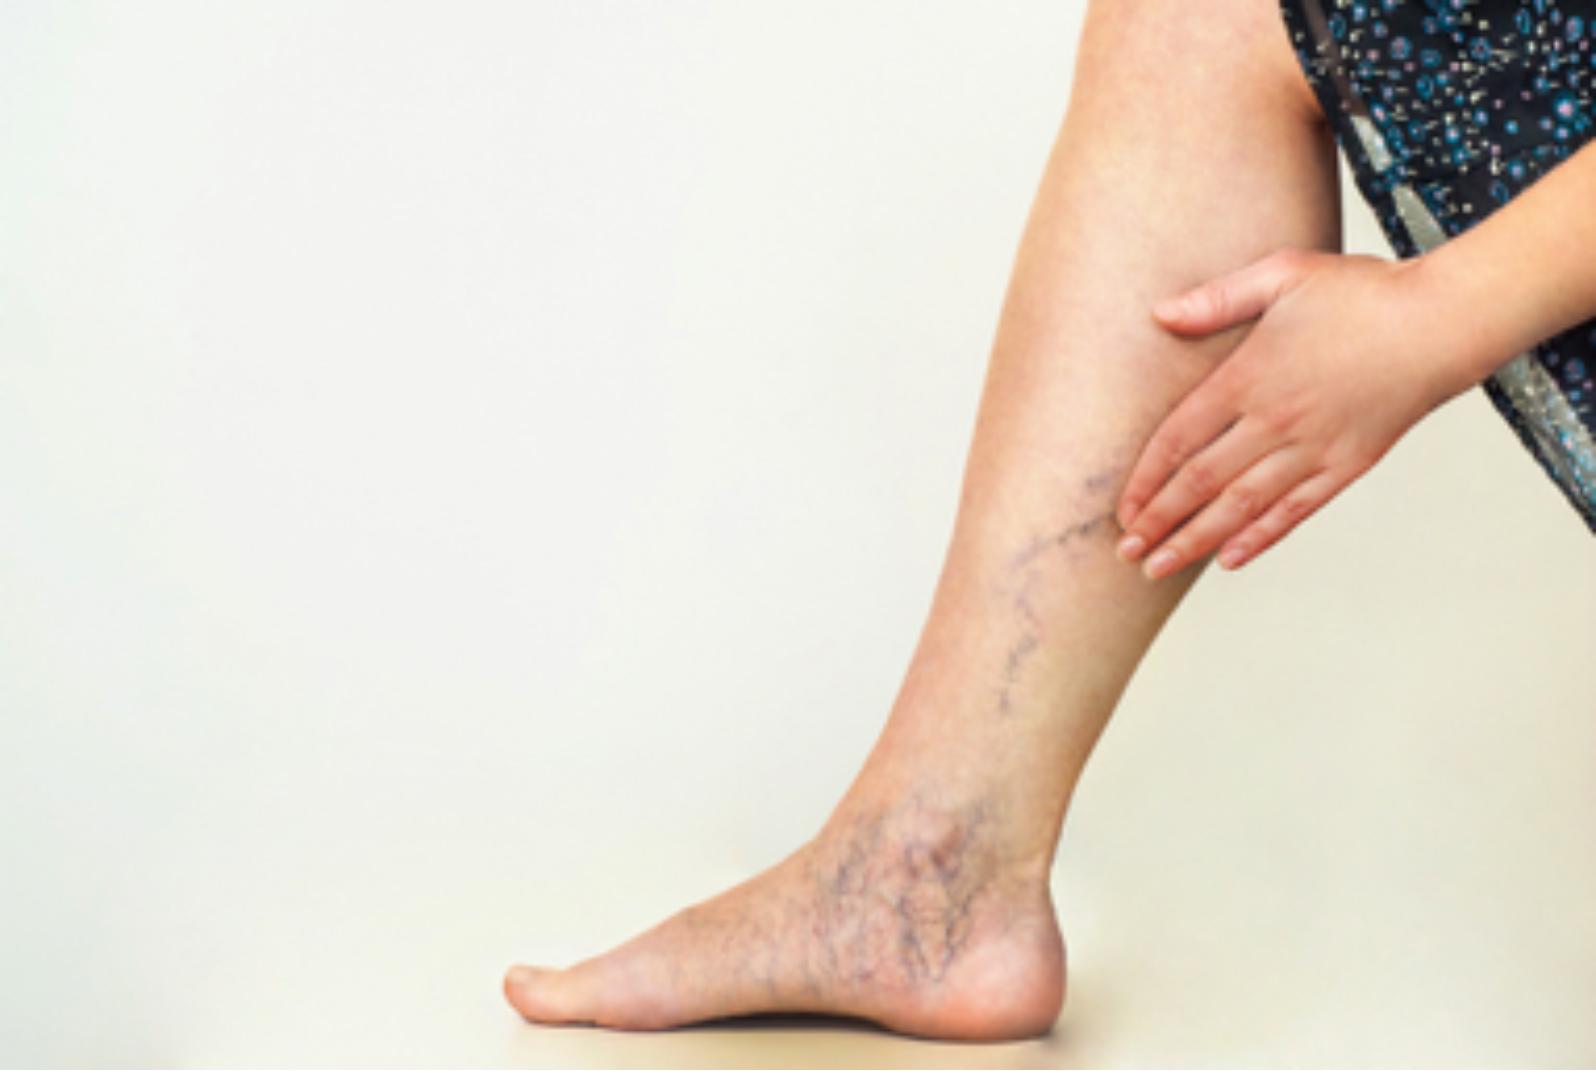 tratamentul venelor varicoase prin injecții dans și varicoză